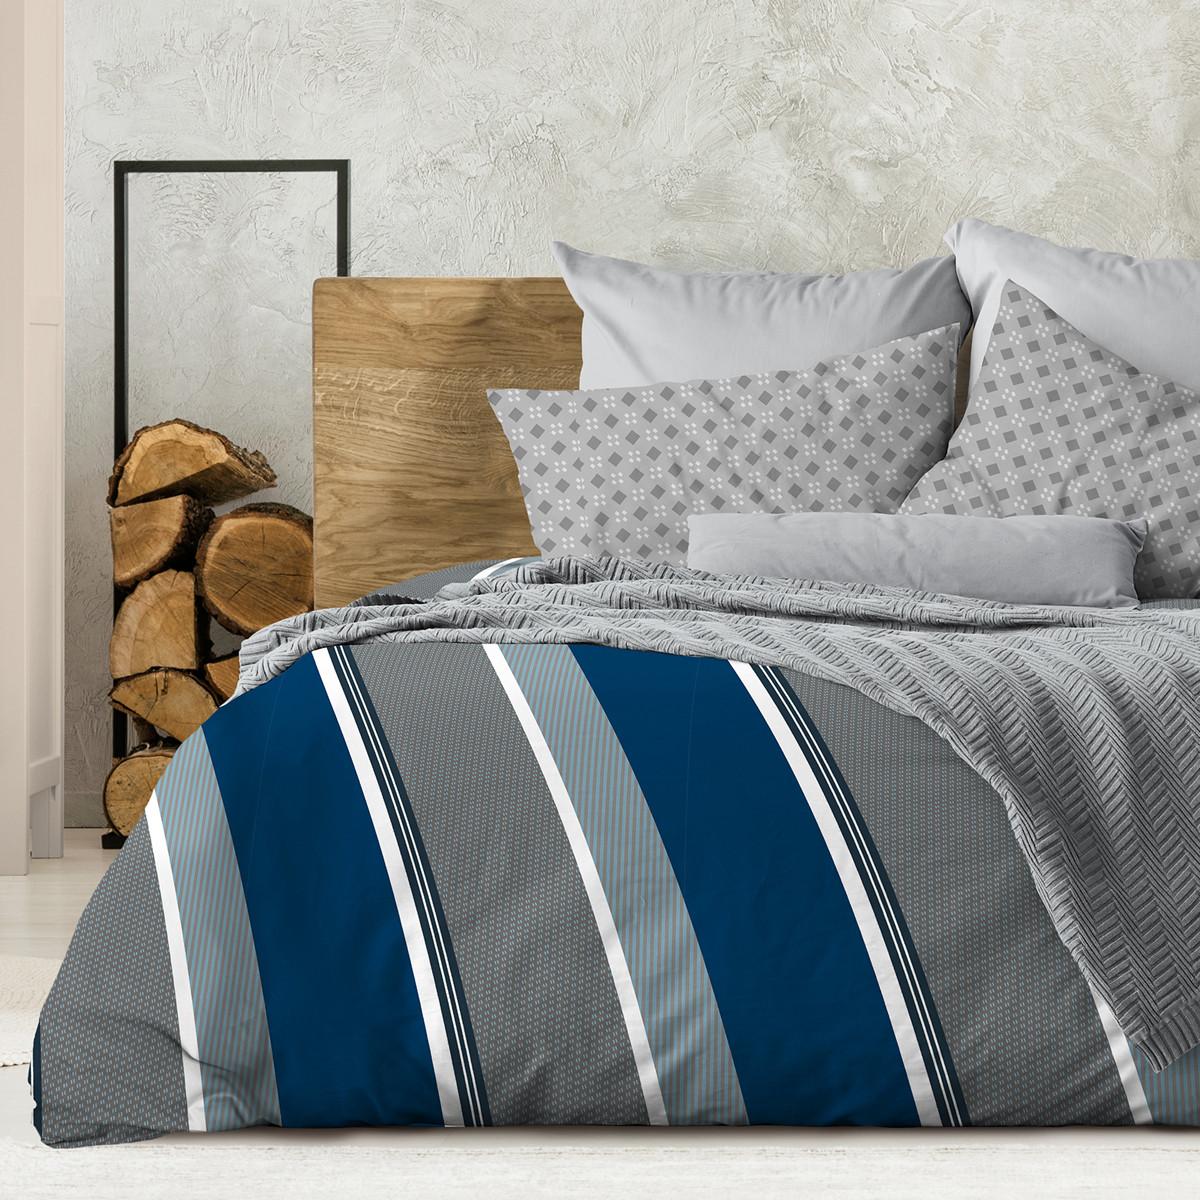 Wenge Комплект постельного белья  Gentle,  WENGE, 2 спальный евро